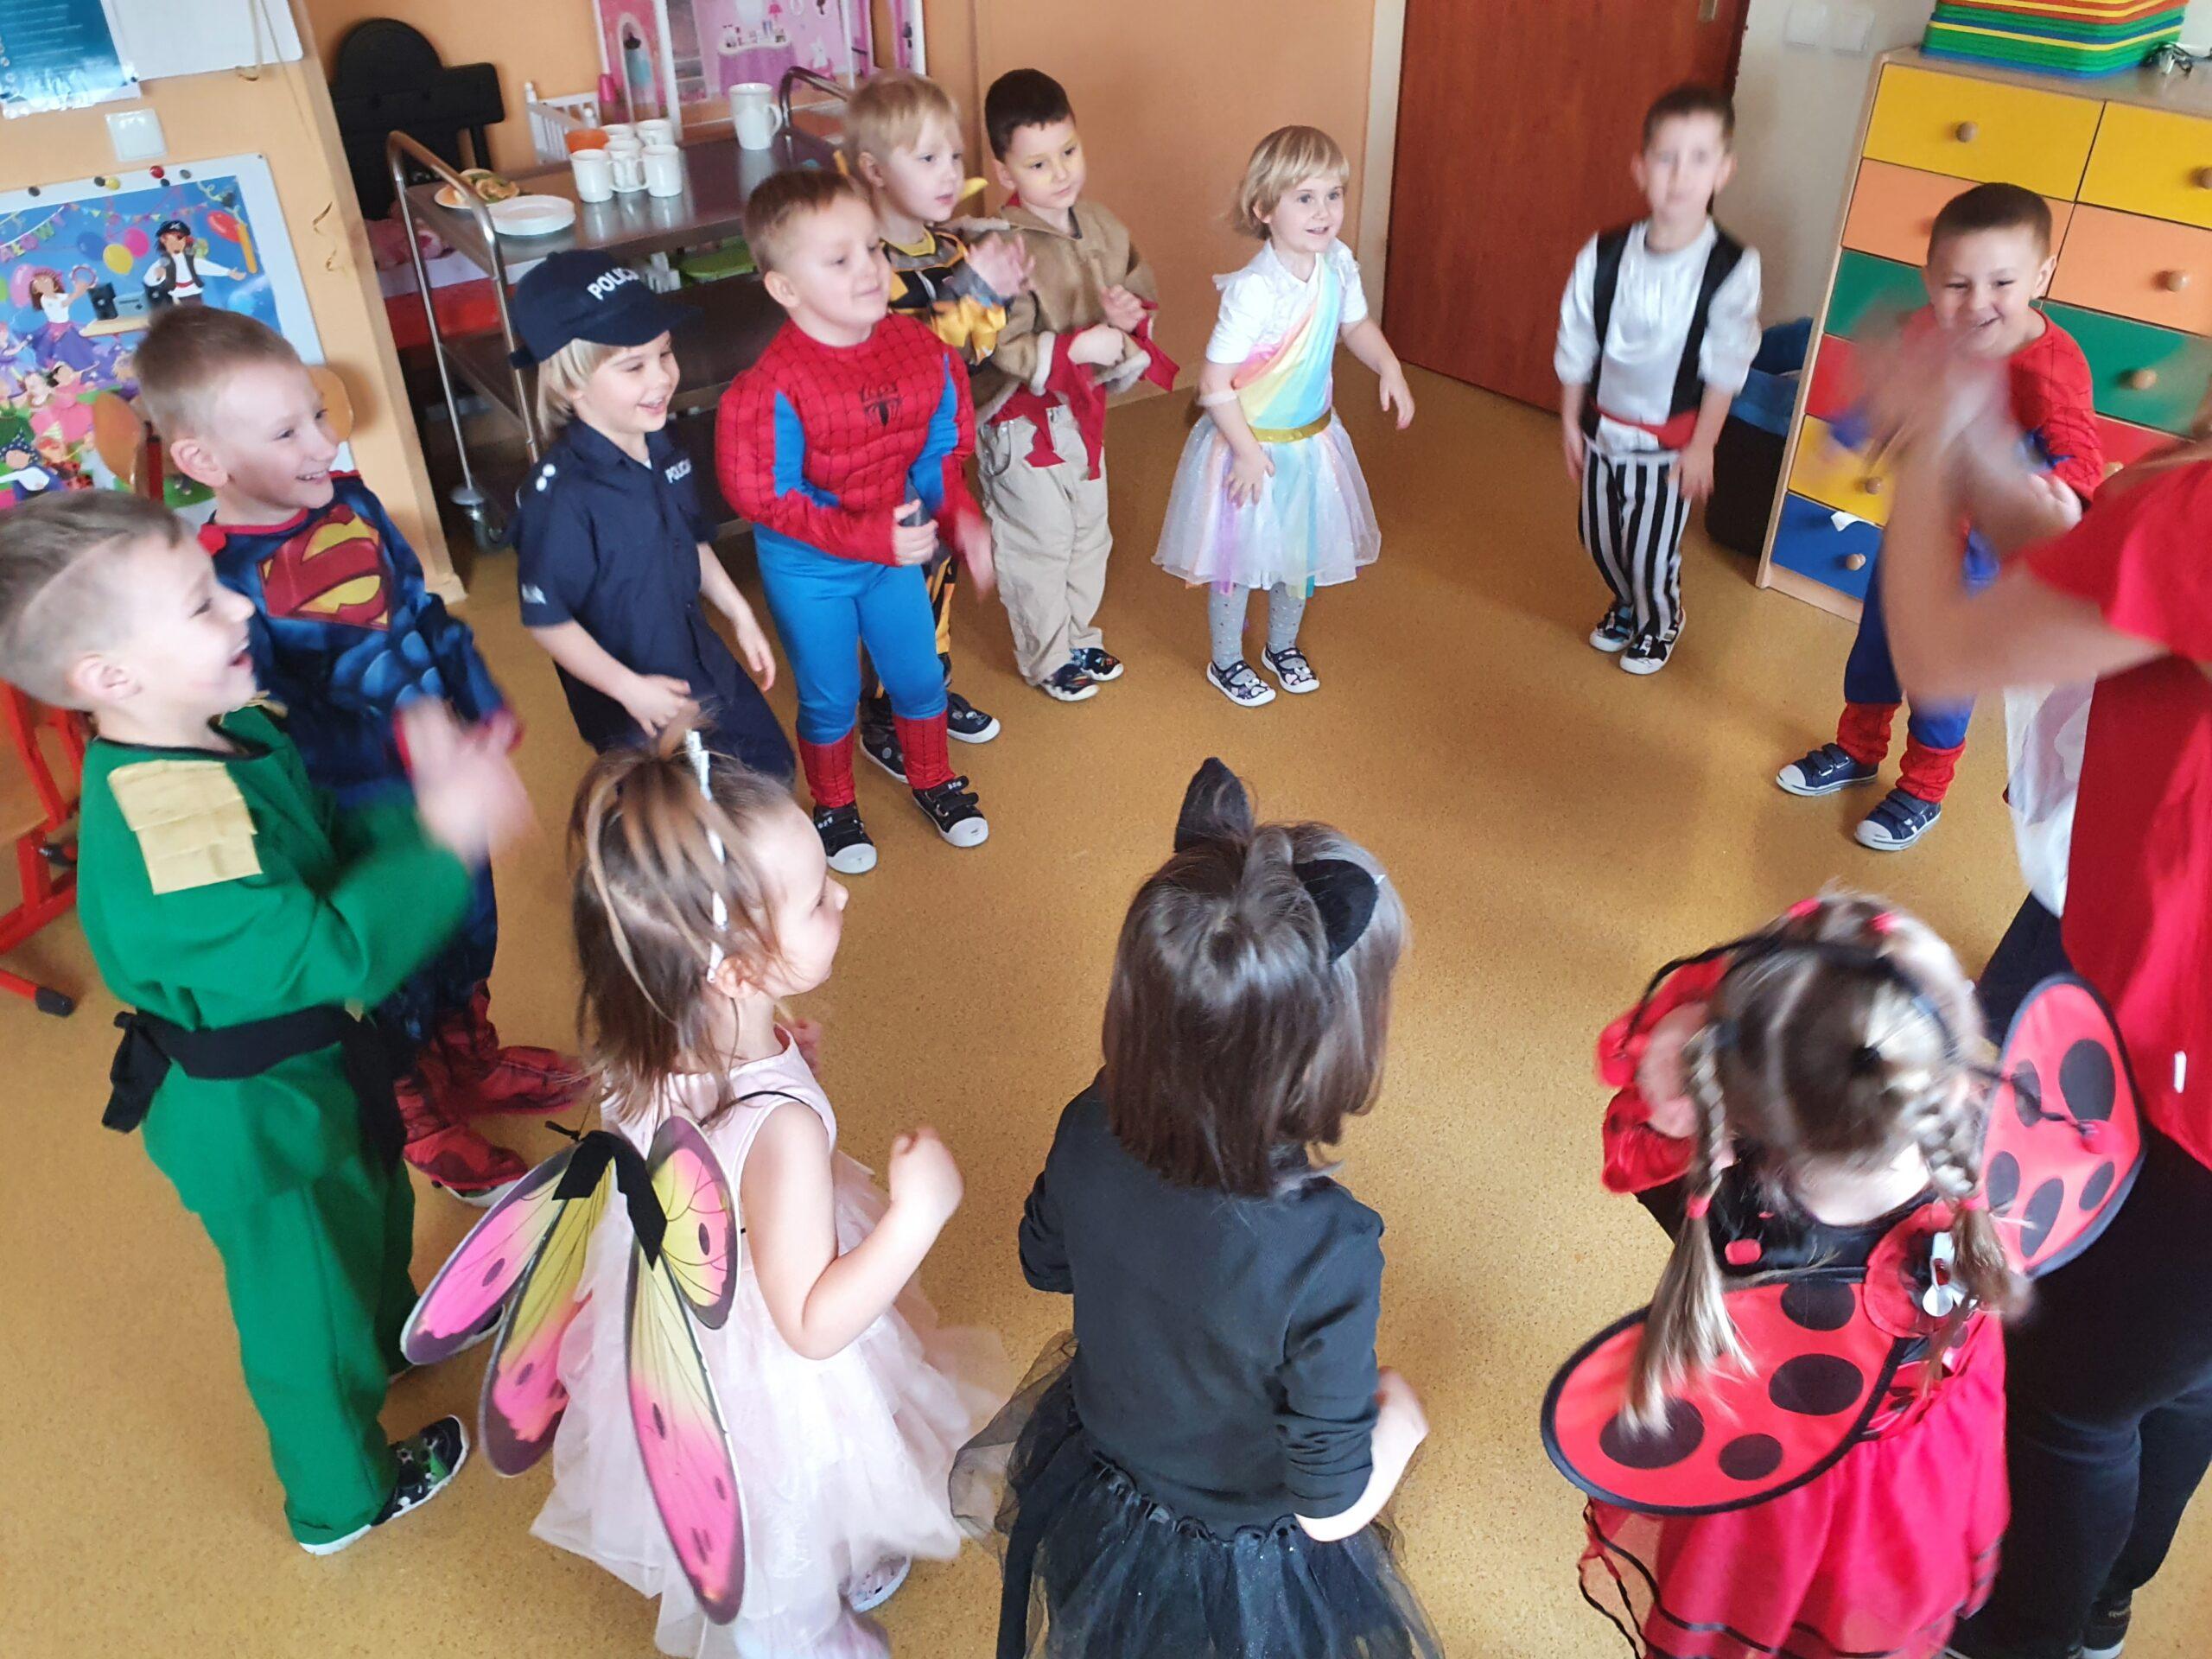 dzieci w strojach karnawałowych stoją w kółku z panią i naśladują ruchem tekst piosenki